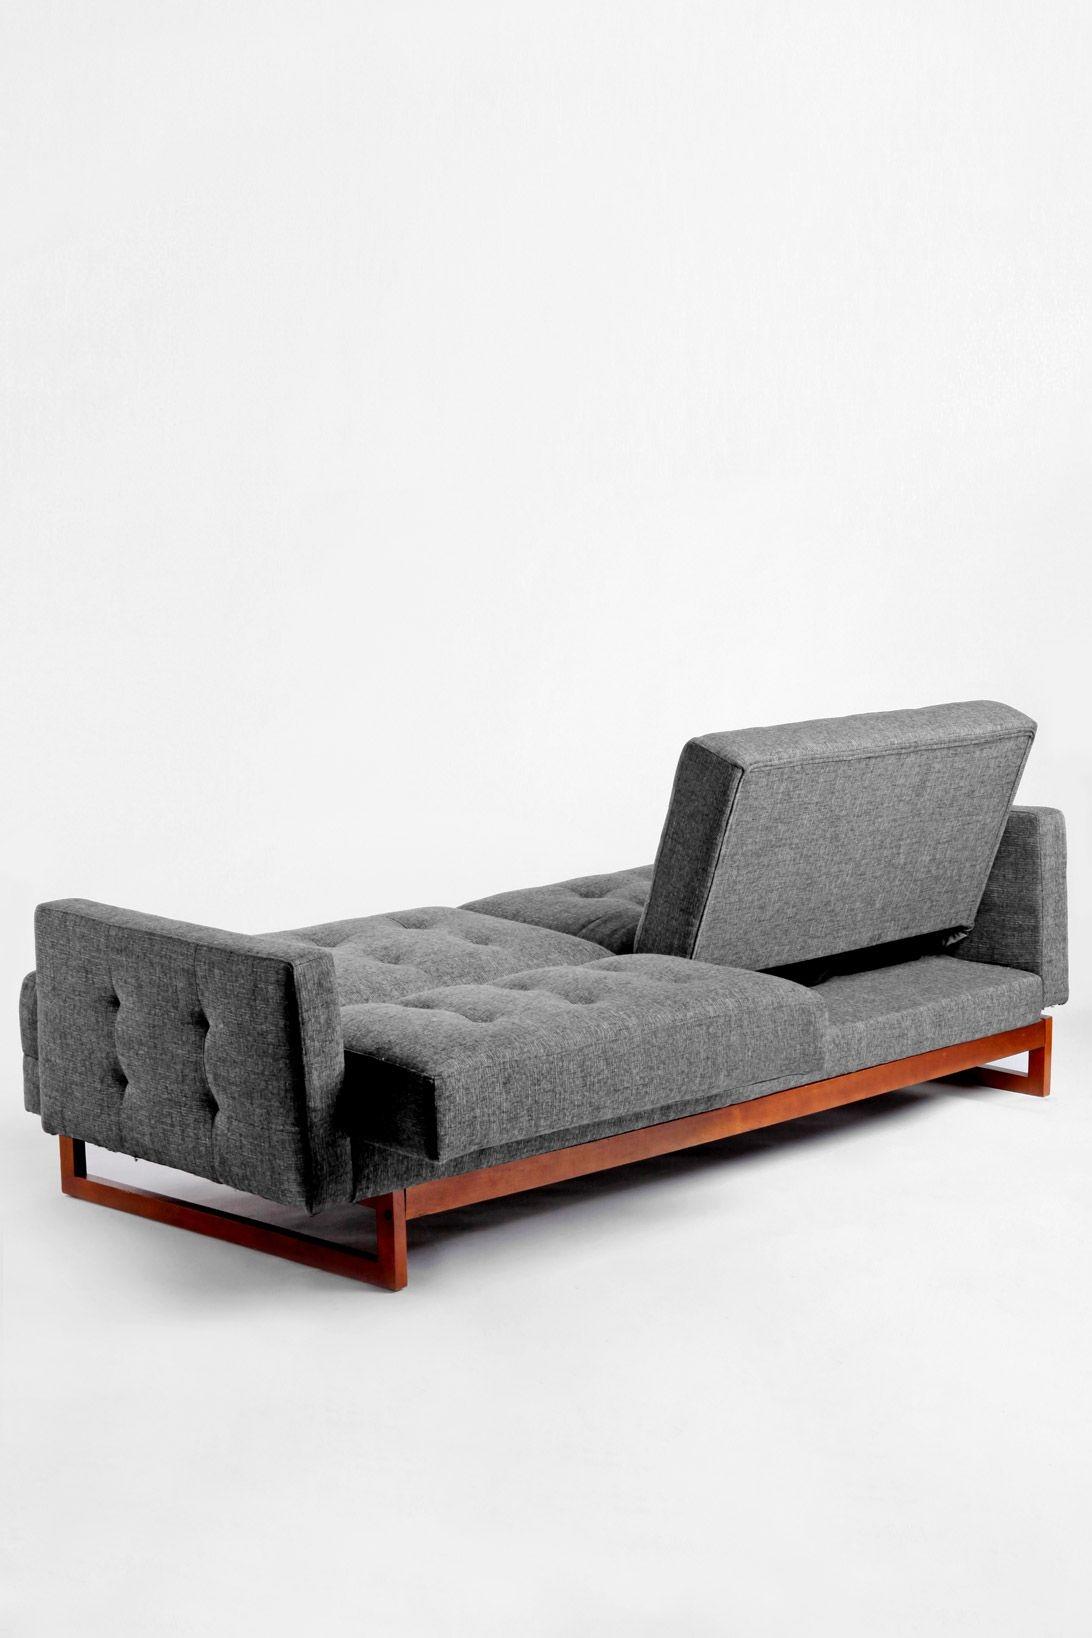 convertible sofa sleeper ideas on foter rh foter com